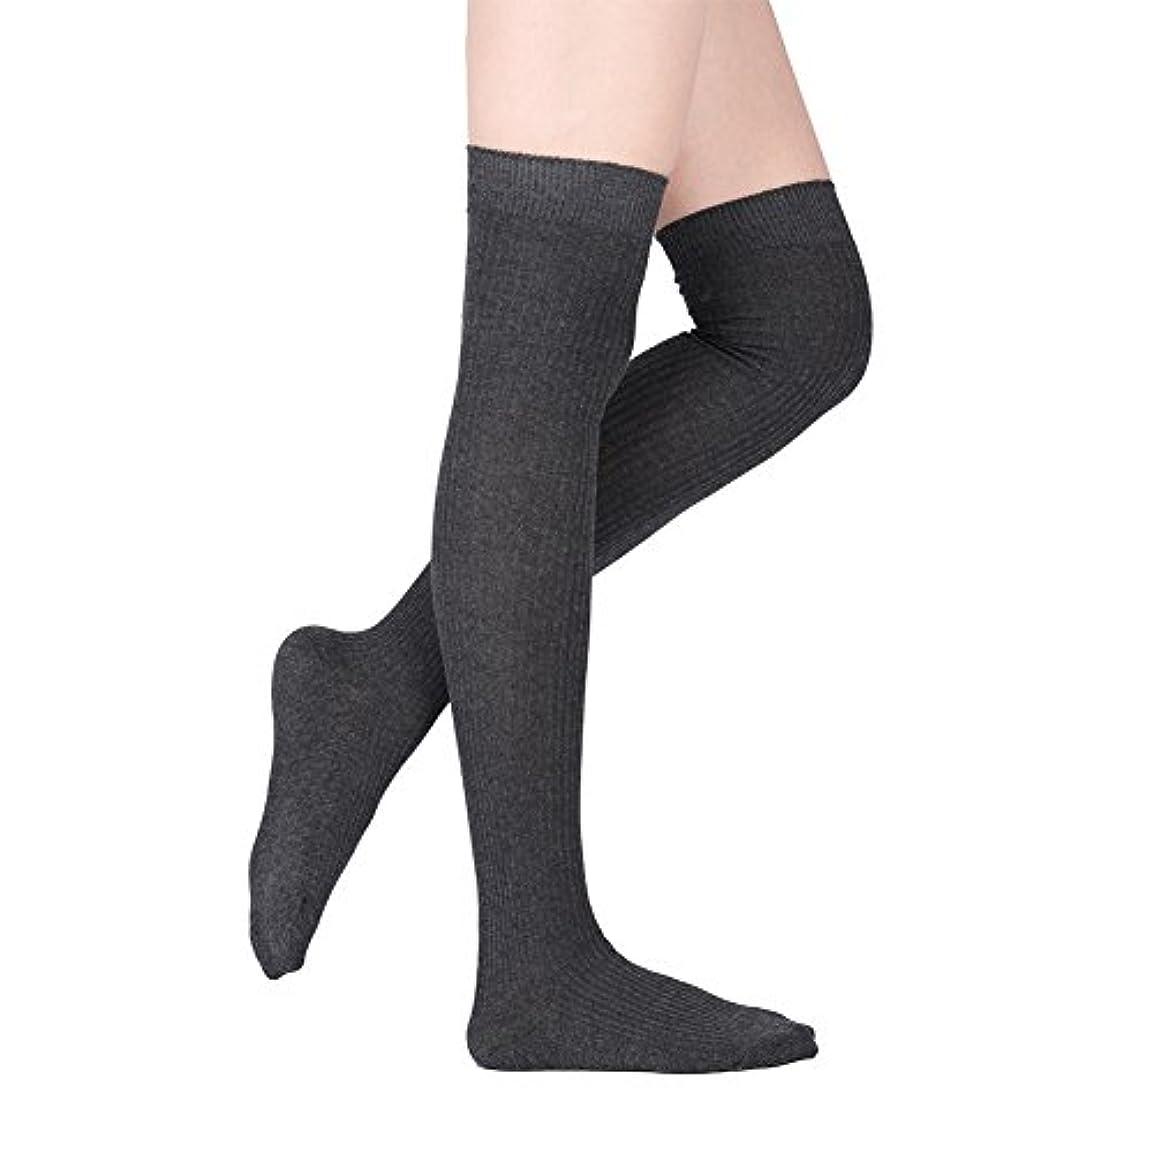 同封する確認してください現金オーバーニーソックス - Delaman 着圧ストッキング ニーハイ、綿混、靴下、通学防寒、保温、スッキリ、美脚、 全5色